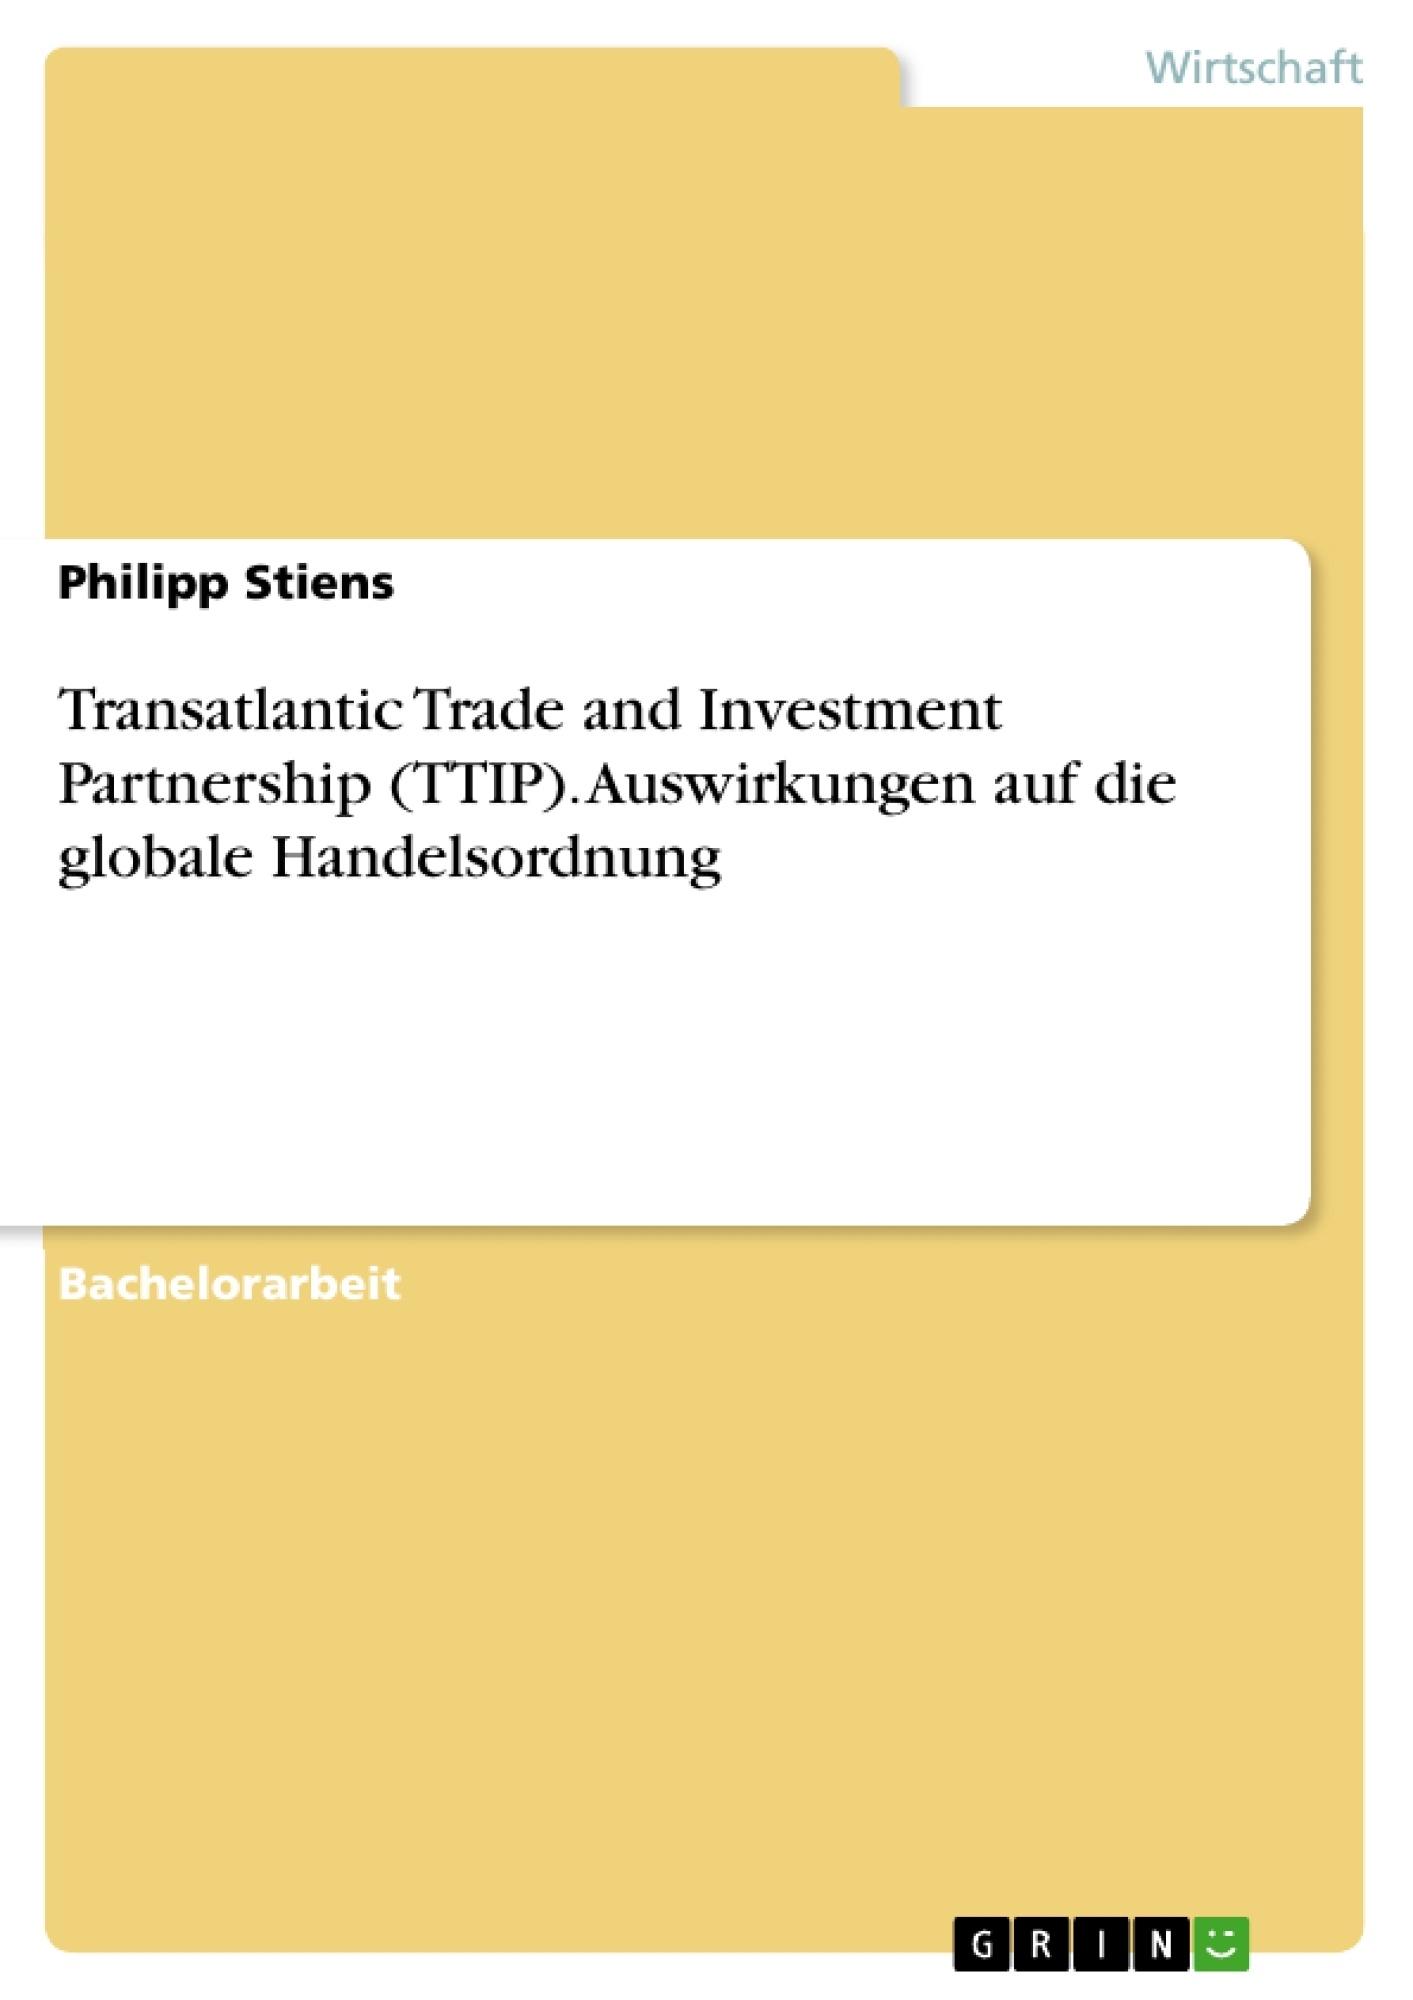 Titel: Transatlantic Trade and Investment Partnership (TTIP). Auswirkungen auf die globale Handelsordnung